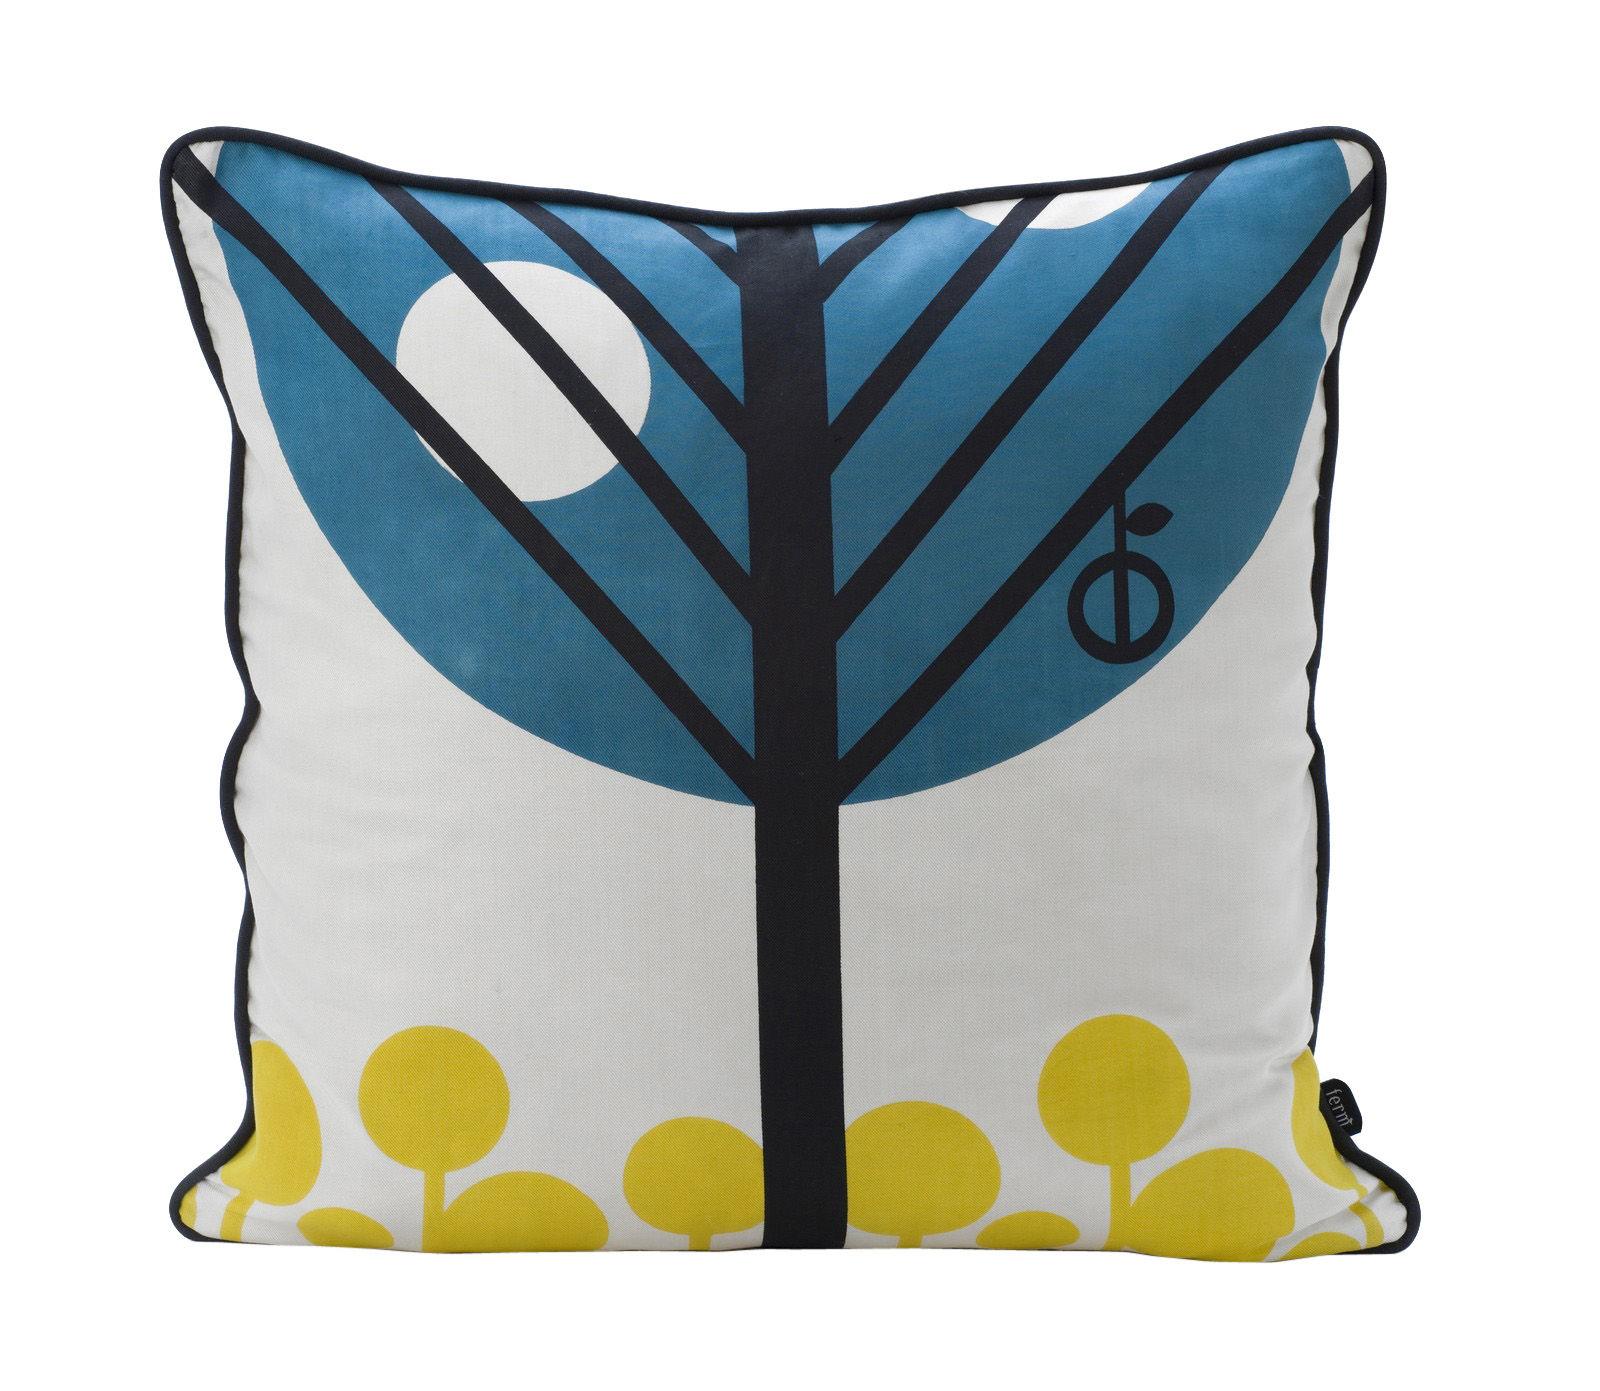 coussin apple 50 x 50 cm bleu p trole noir jaune dos noir ferm living. Black Bedroom Furniture Sets. Home Design Ideas